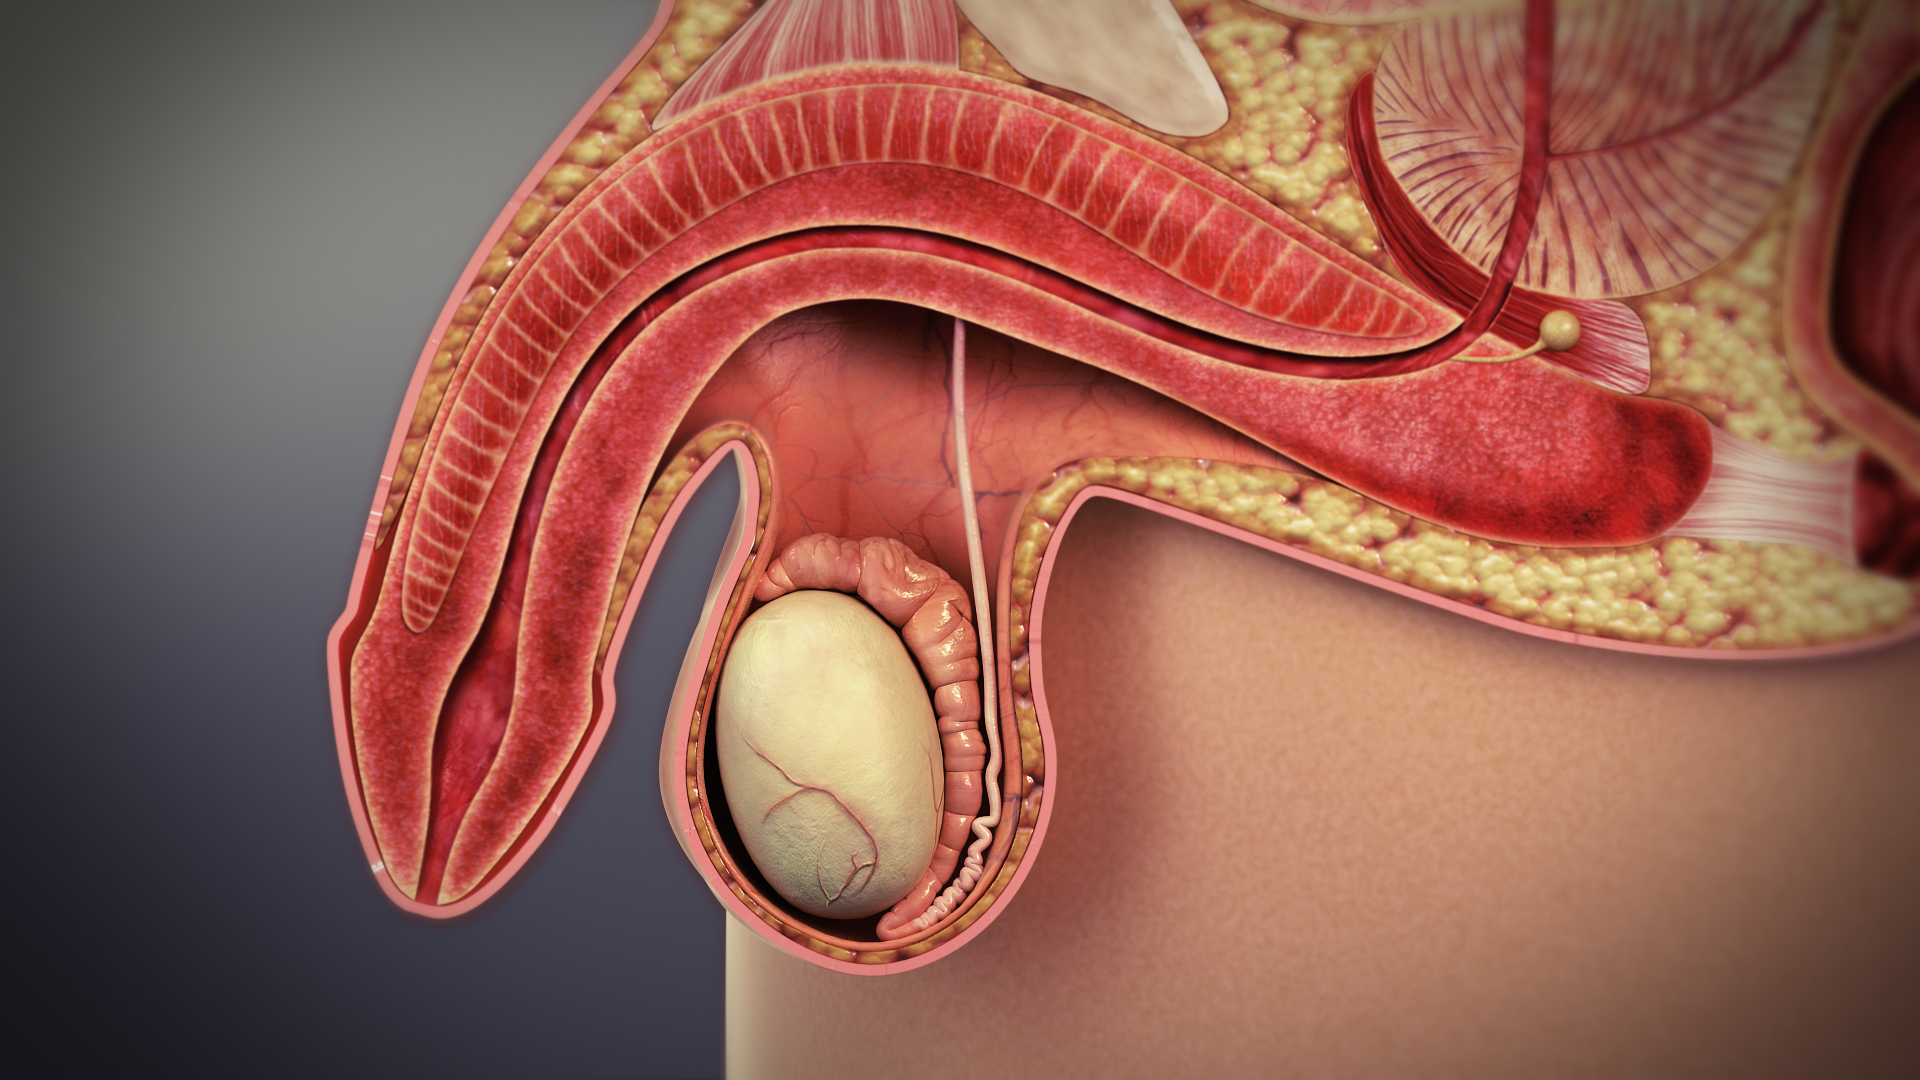 Prosztata gyulladása állhat a háttérben? - Urológiai megbetegedések